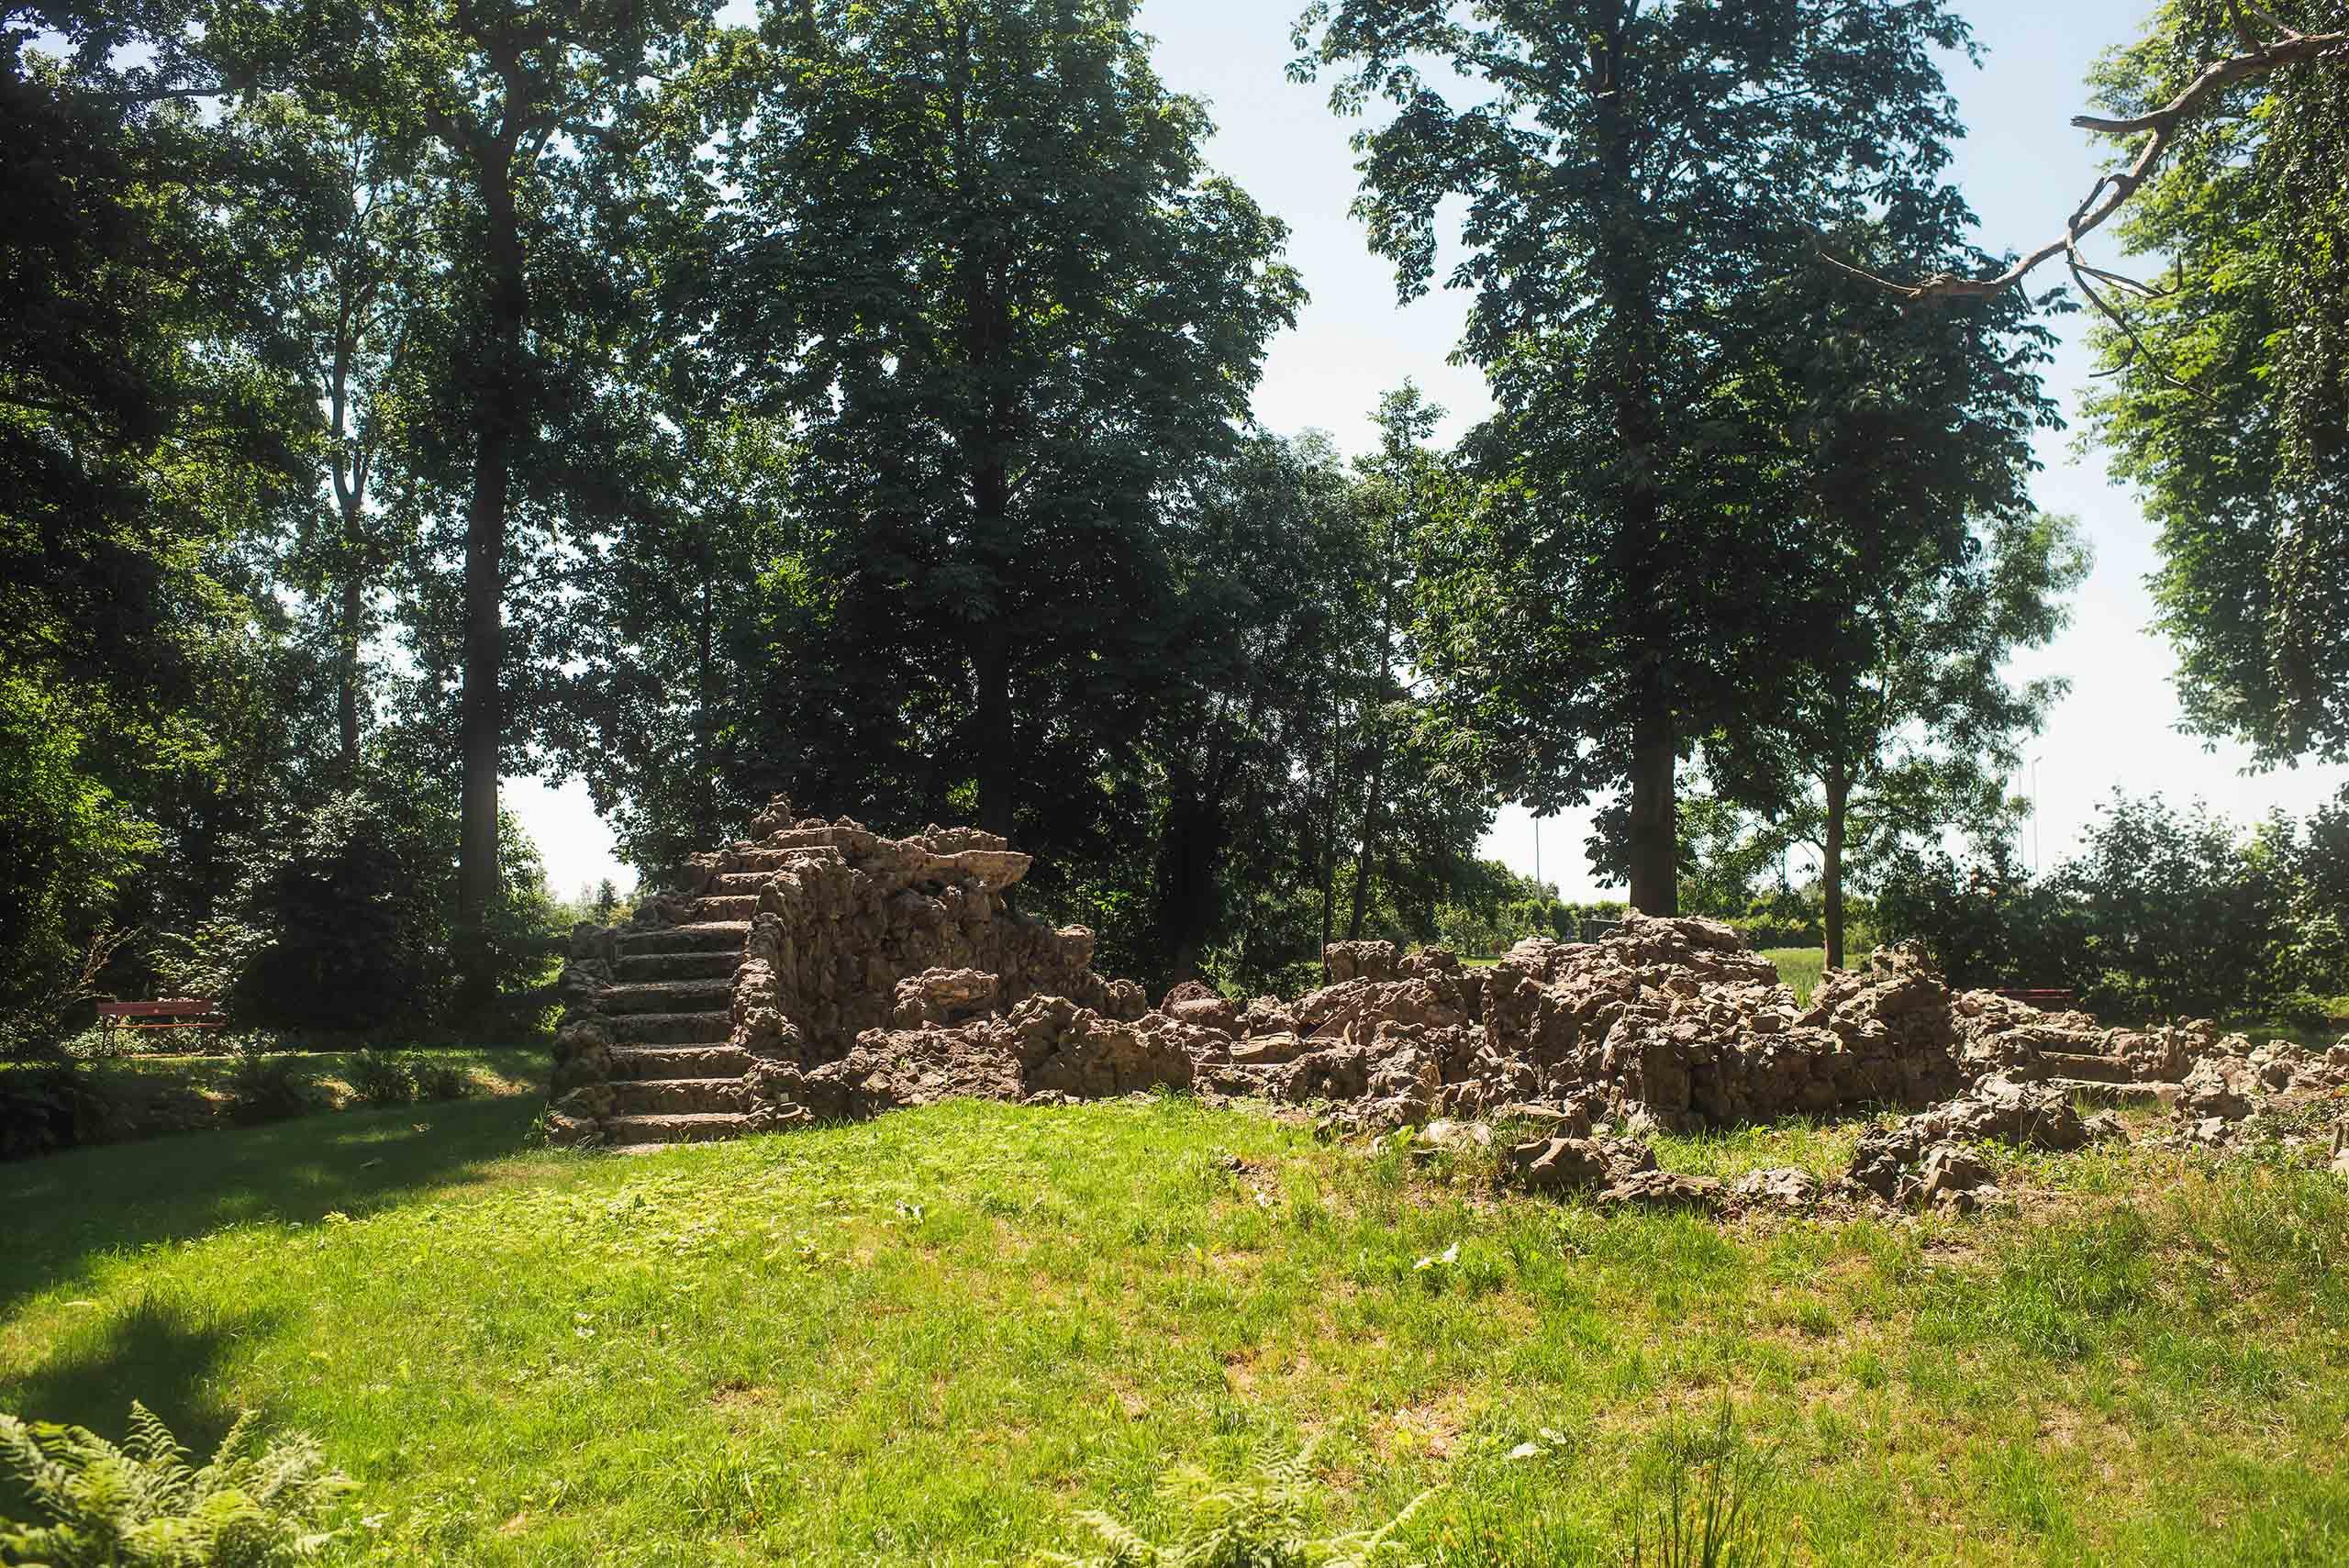 Erfgoedhoveniers Reijm Buitenplaats Bisdom van Vliet parkrestauratie en onderhoud (7)